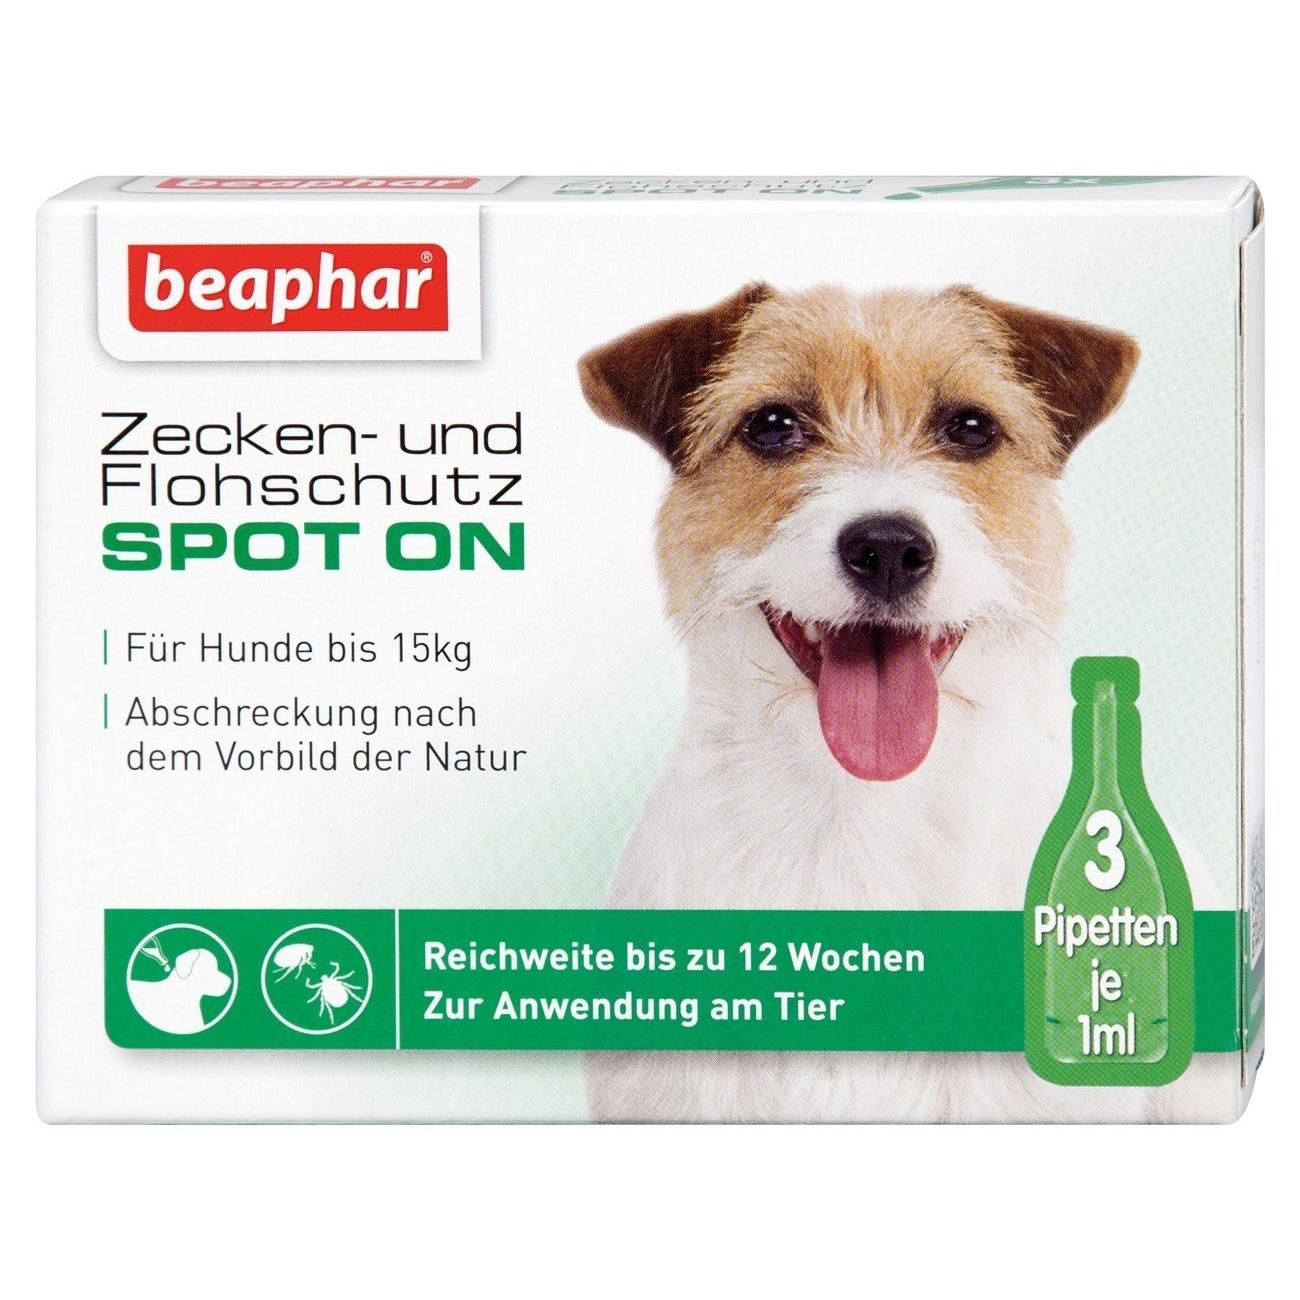 beaphar Zeckenschutz und Flohschutz SPOT-ON für Hunde